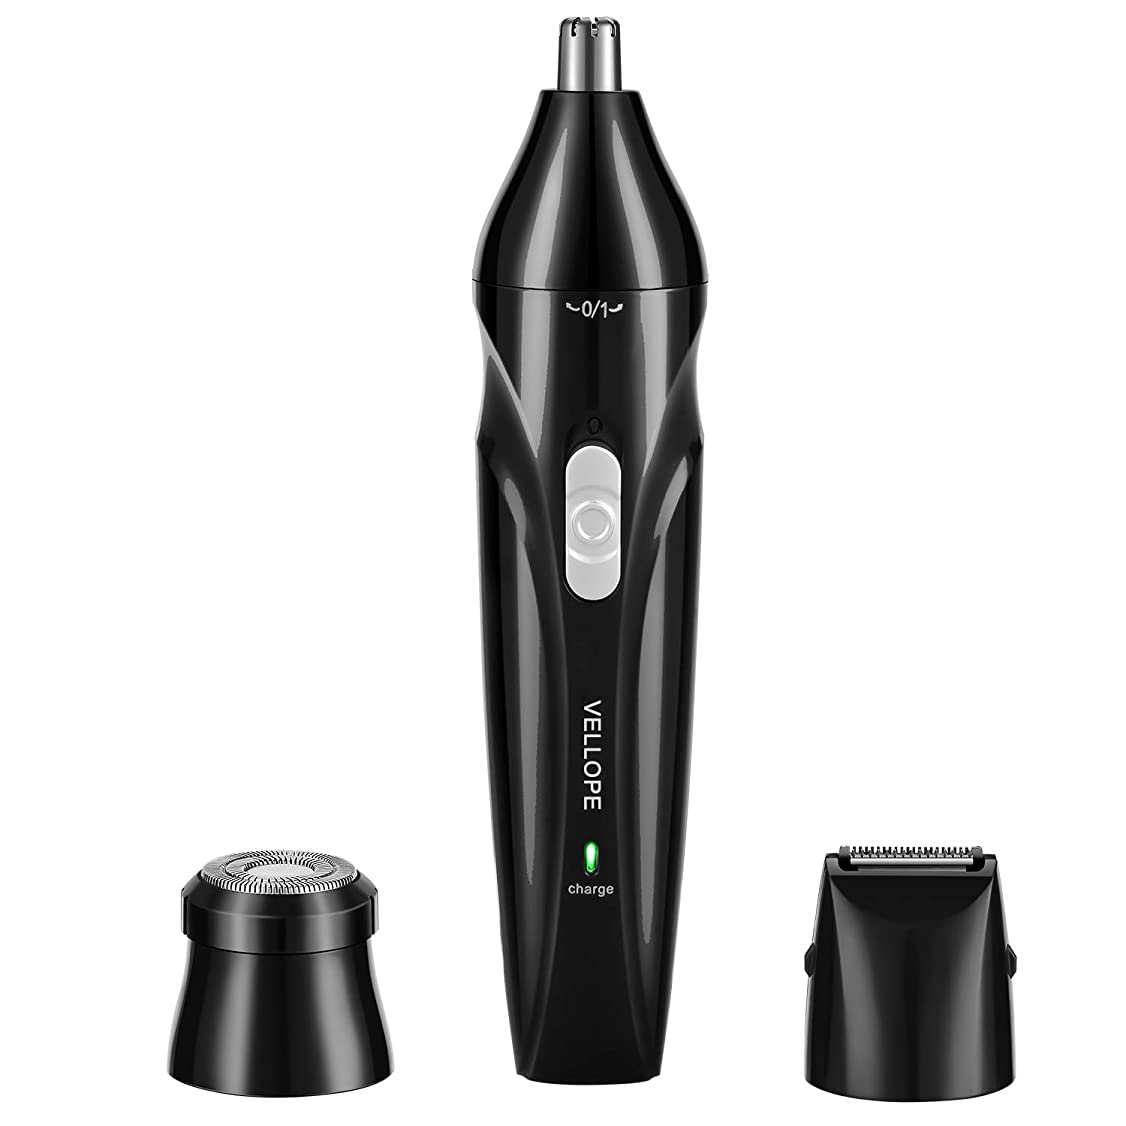 シェルハグ規模Vellope 鼻毛カッター 眉シェーバー 耳毛カッター USB充電式 はなげカッター 電動シェーバー エチケットカッター ムダ毛処理 三年間保証 (黑)